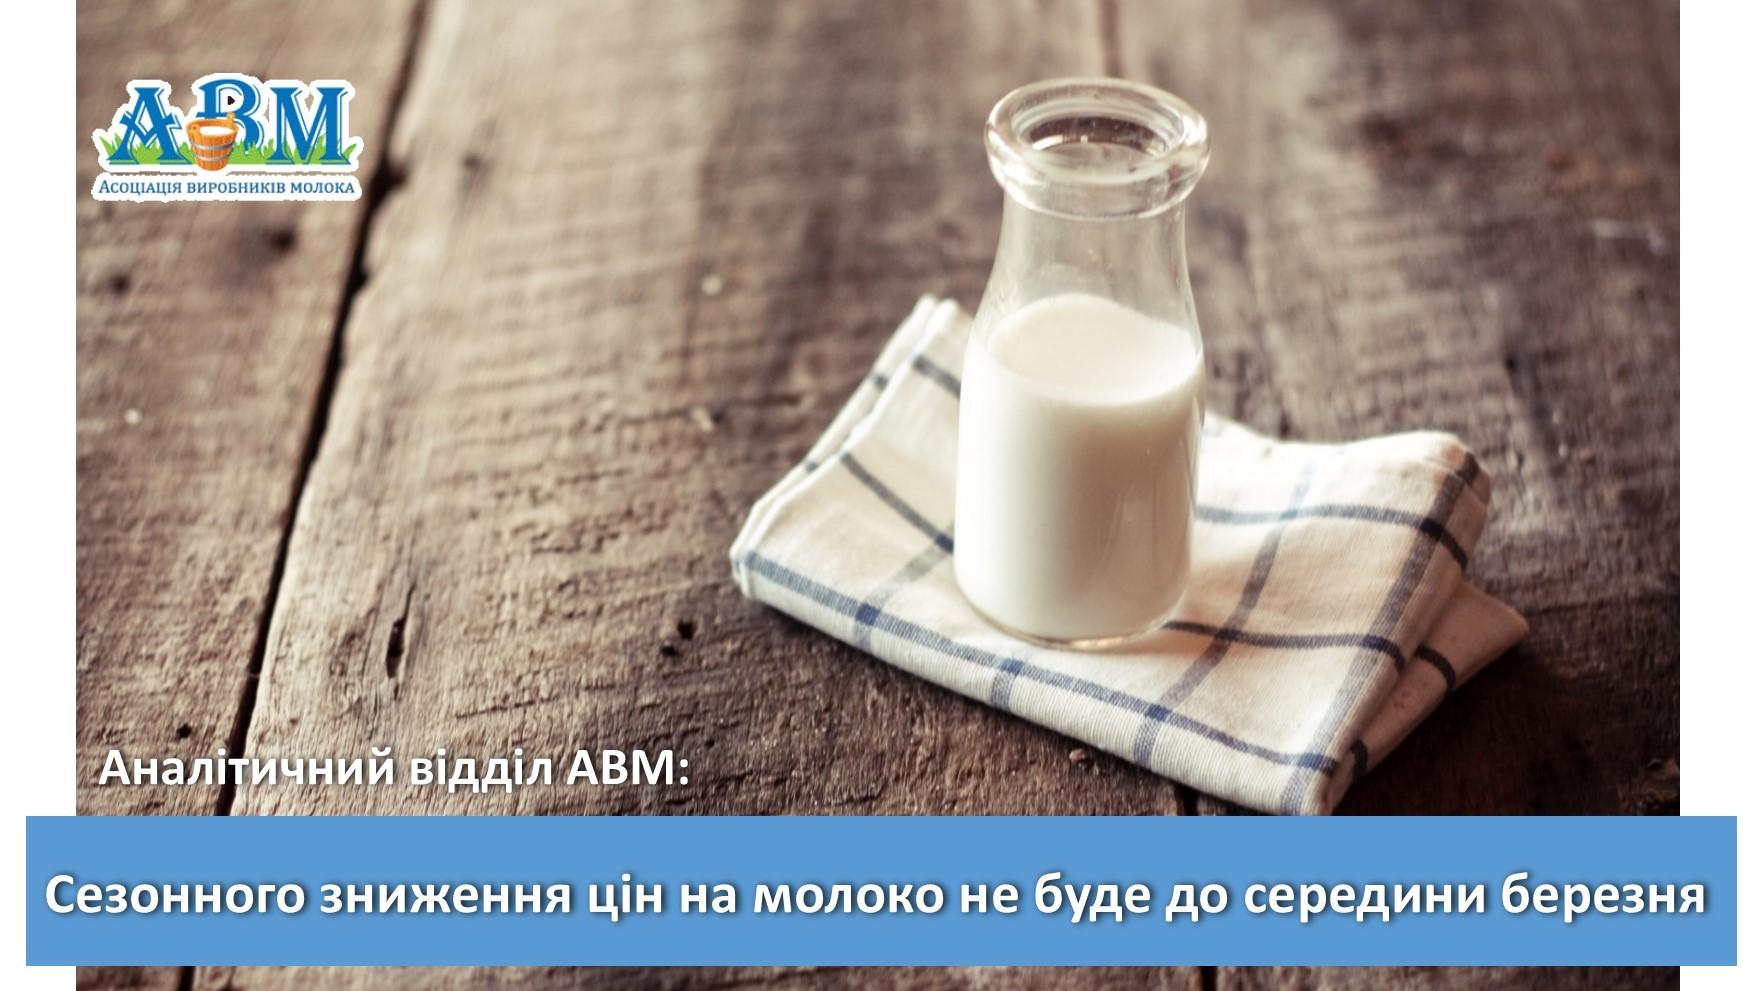 Сезонного зниження цін на молоко не буде до середини березня - аналітичний звіт АВМ